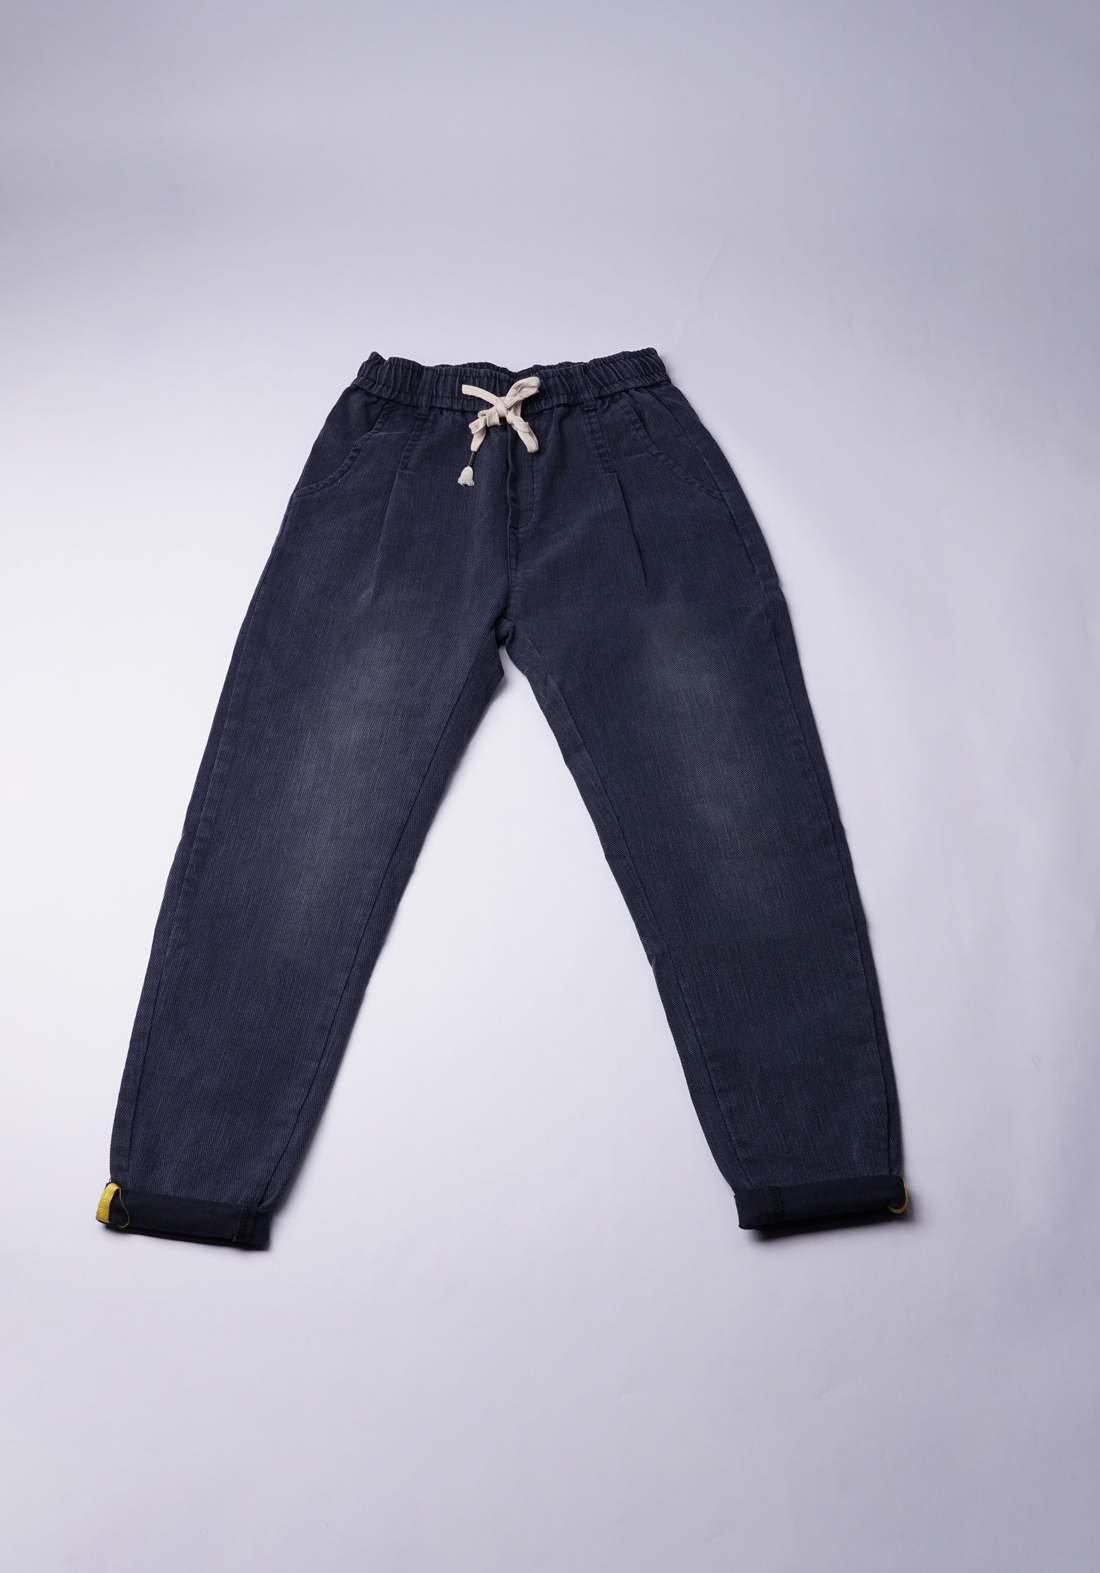 بنطلون شبابي بتصميم بسيط أزرق اللون